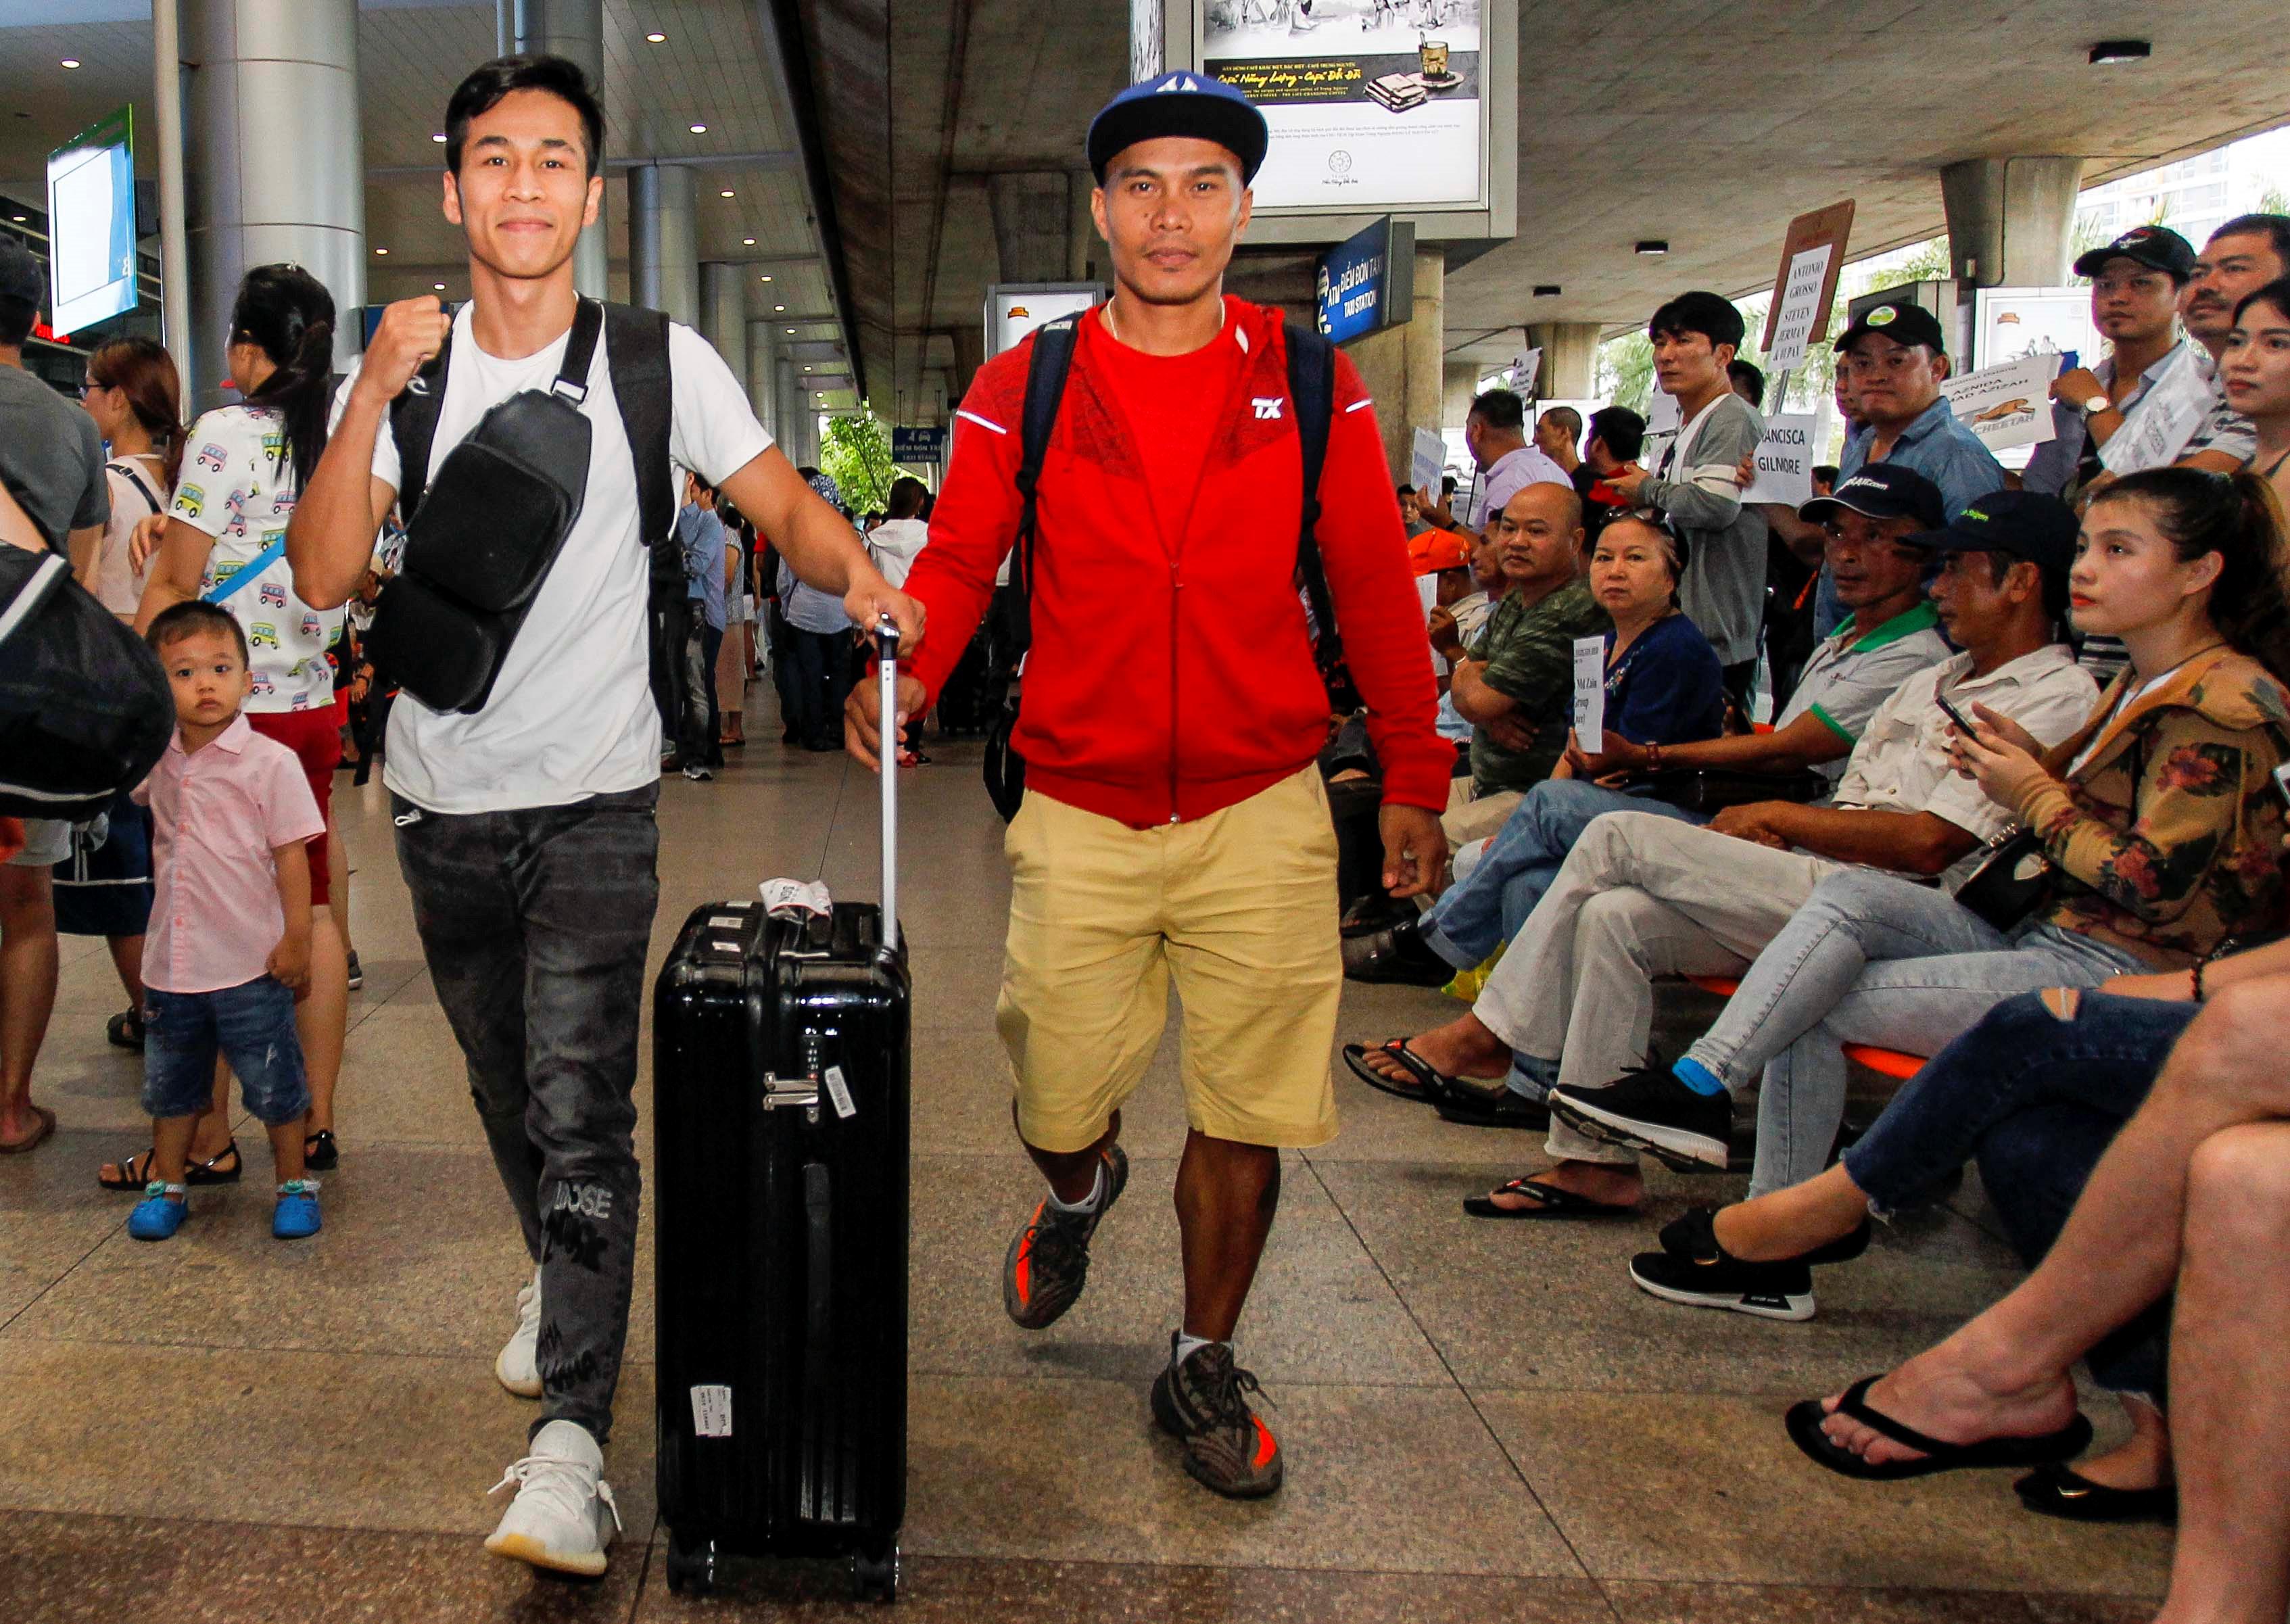 Chiến thắng nhà vô địch Thái Lan, Trần Văn Thảo rạng rỡ ngày trở về